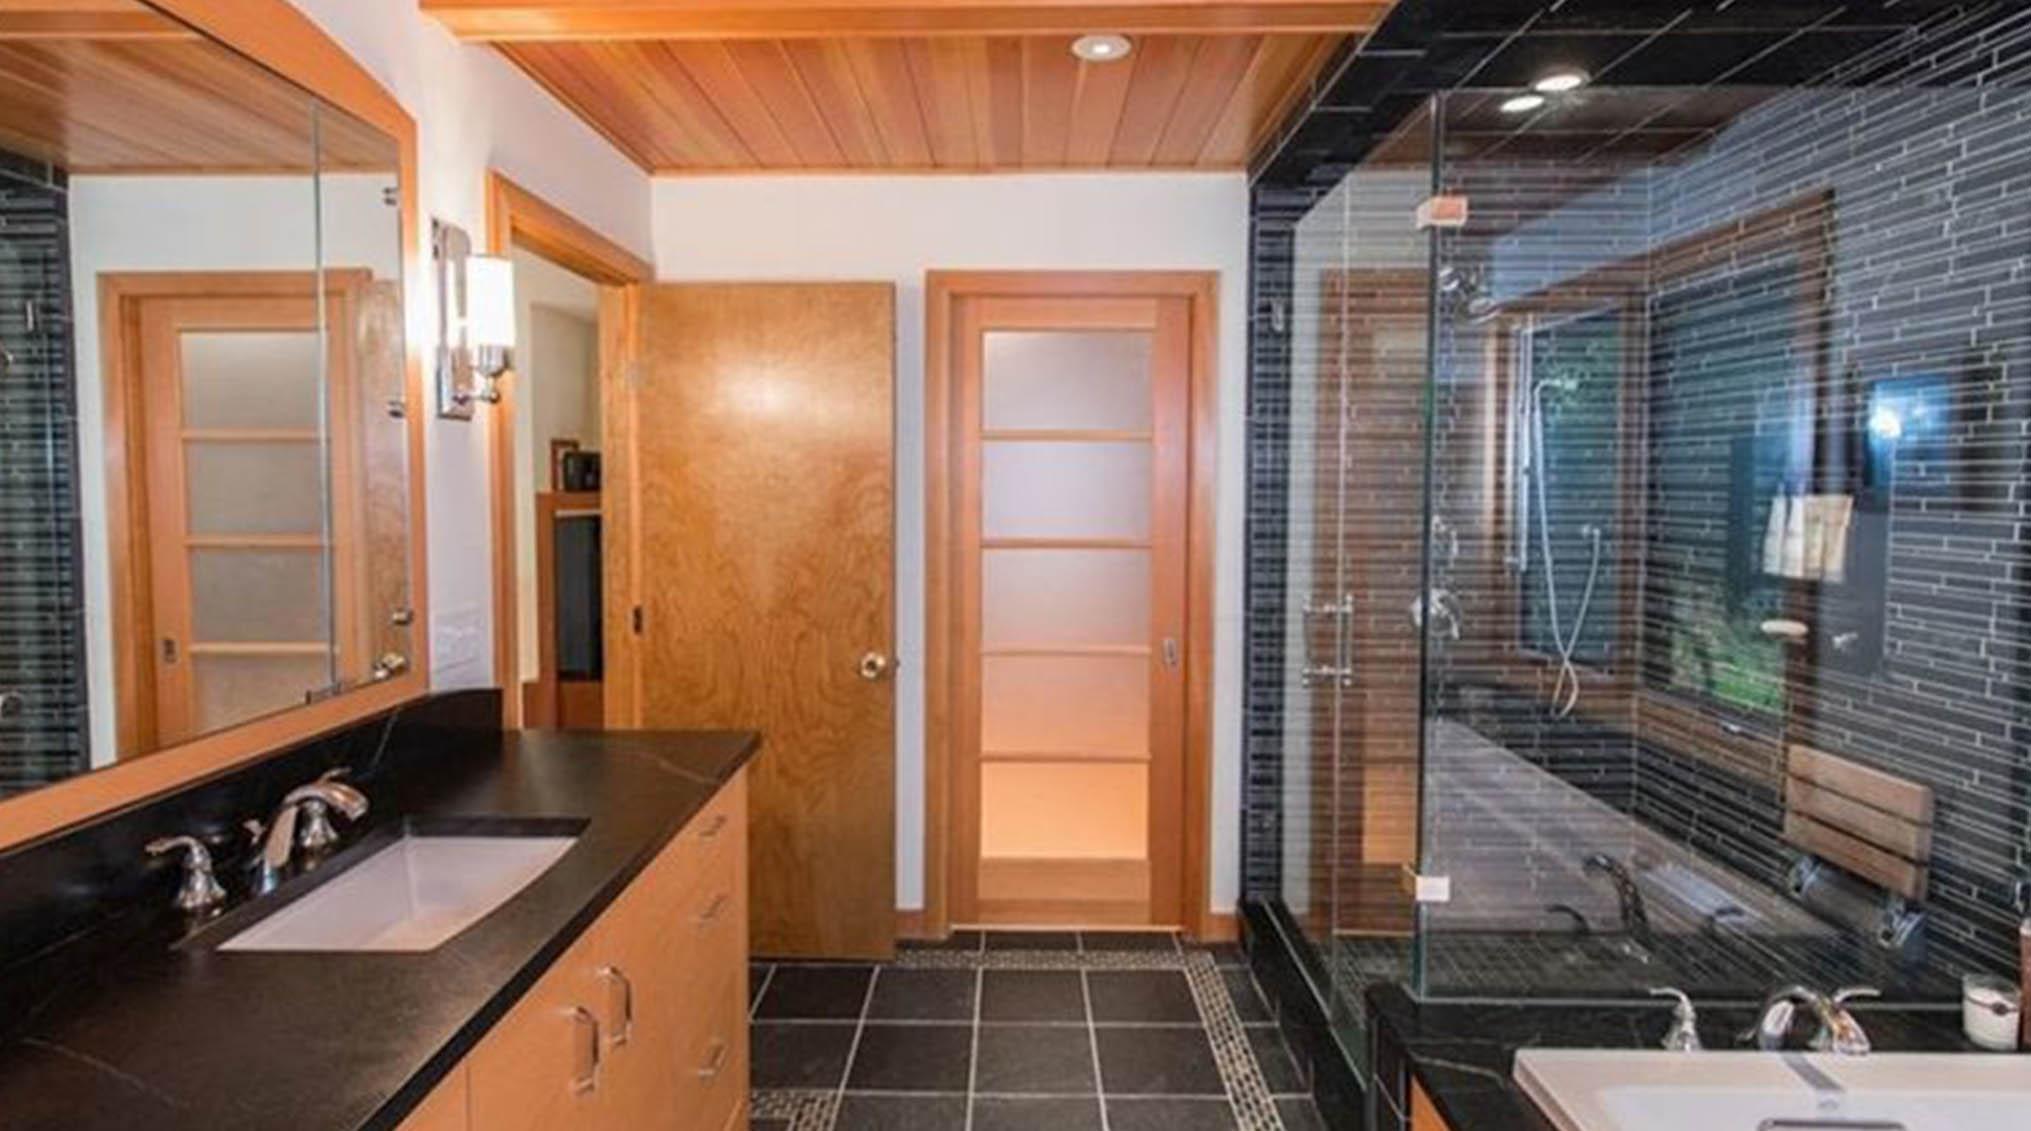 انتخاب درب مناسب حمام مدرن